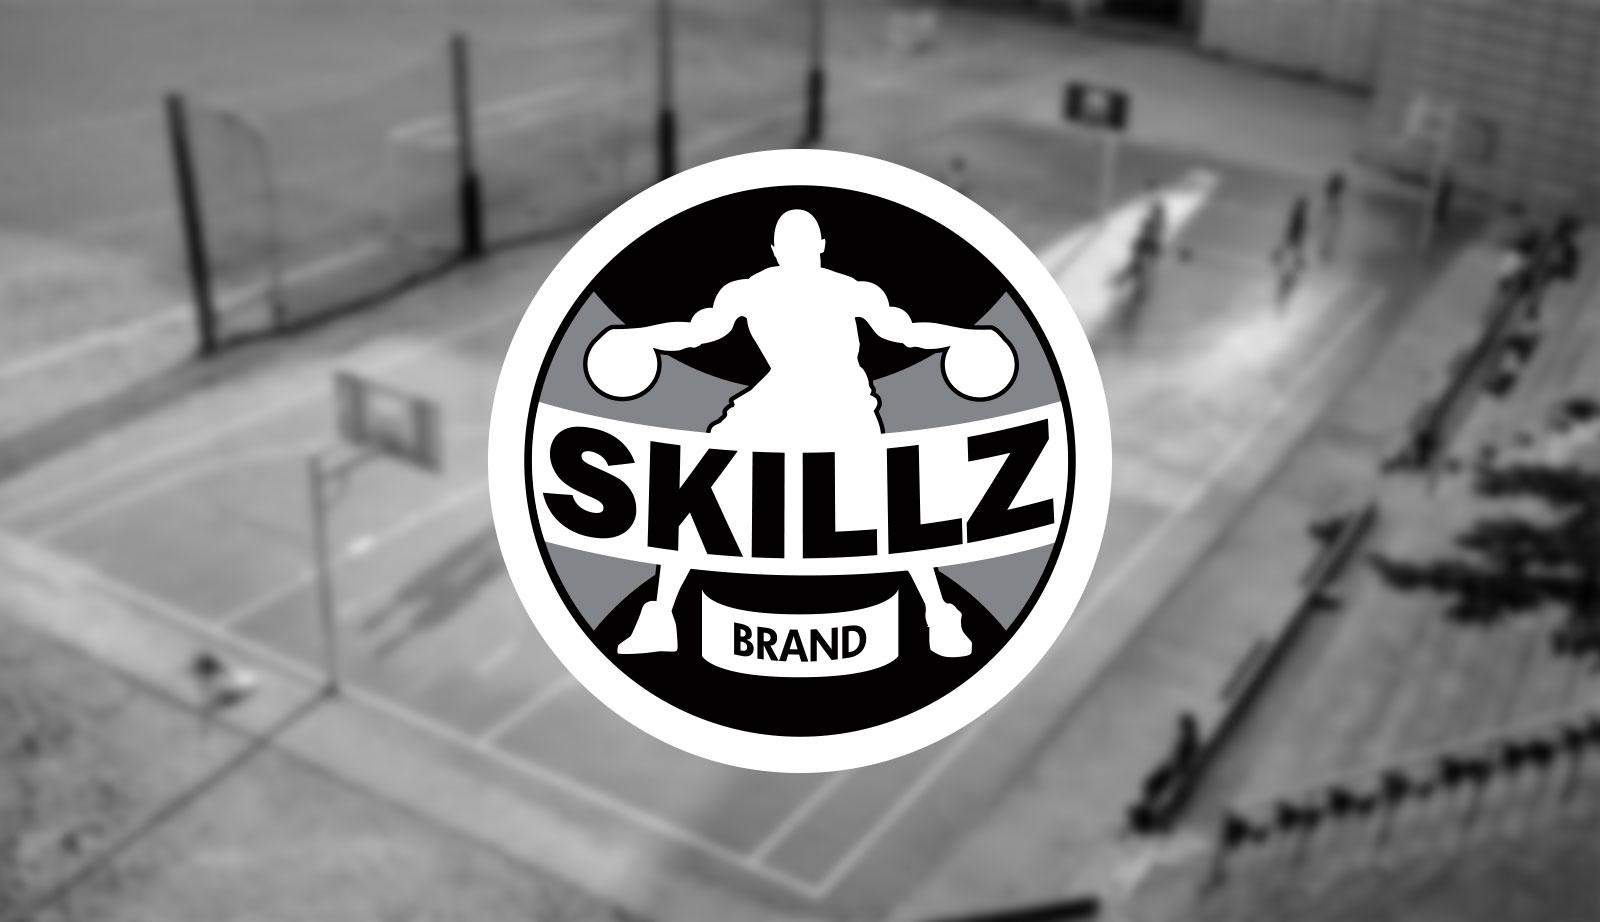 logo_skillz_brand_presentation04